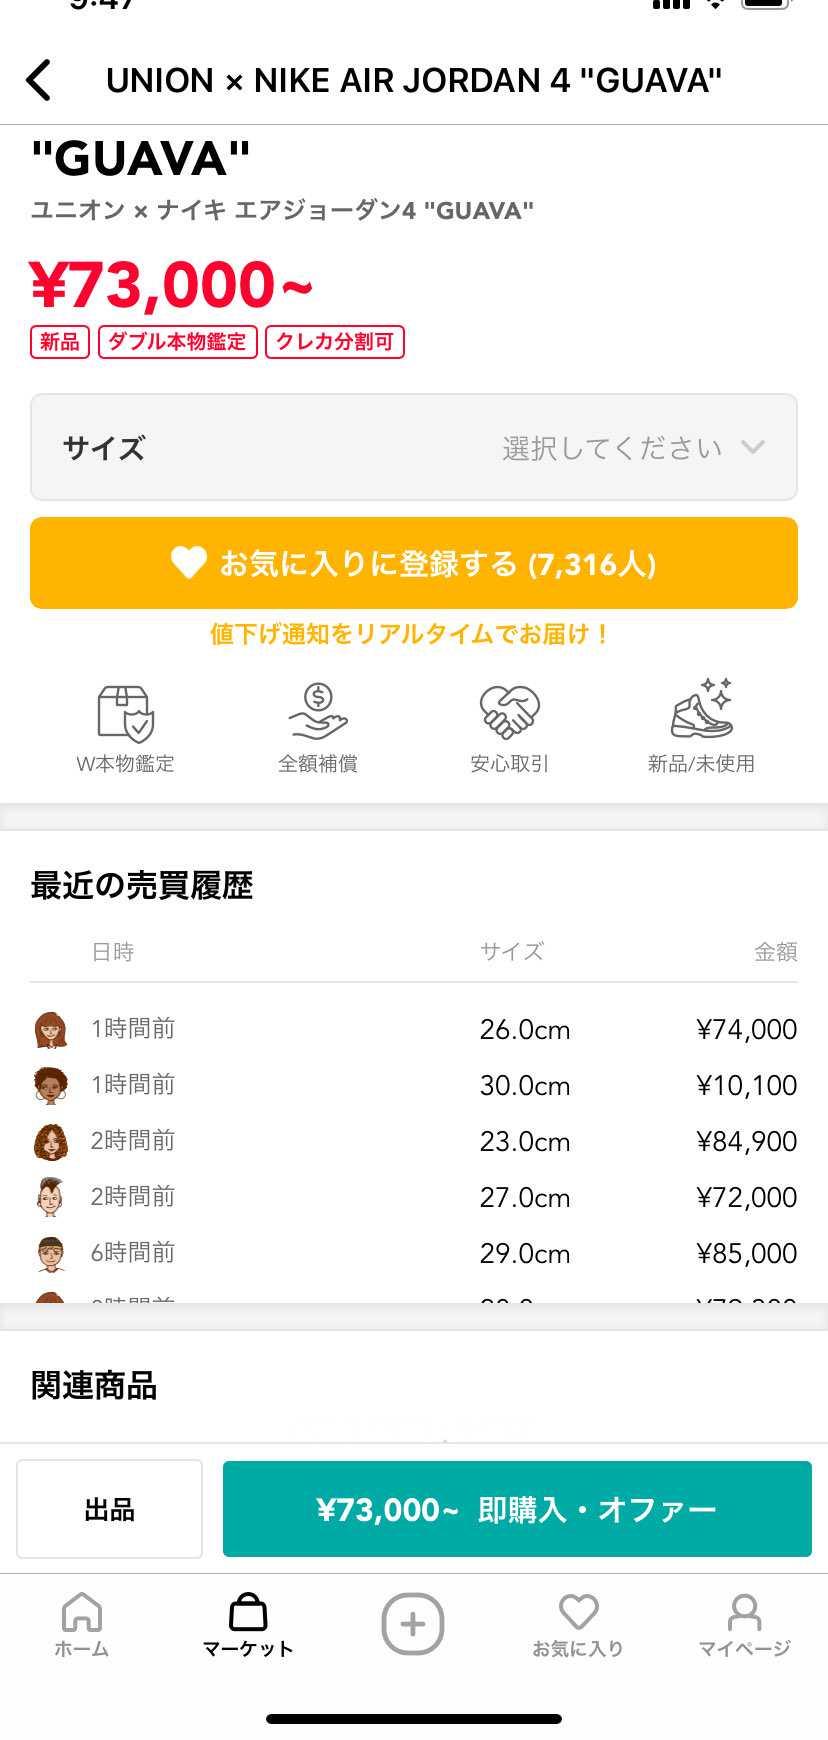 GUAVA 30cm ¥10,100で購入してる人が! なんて良心的!